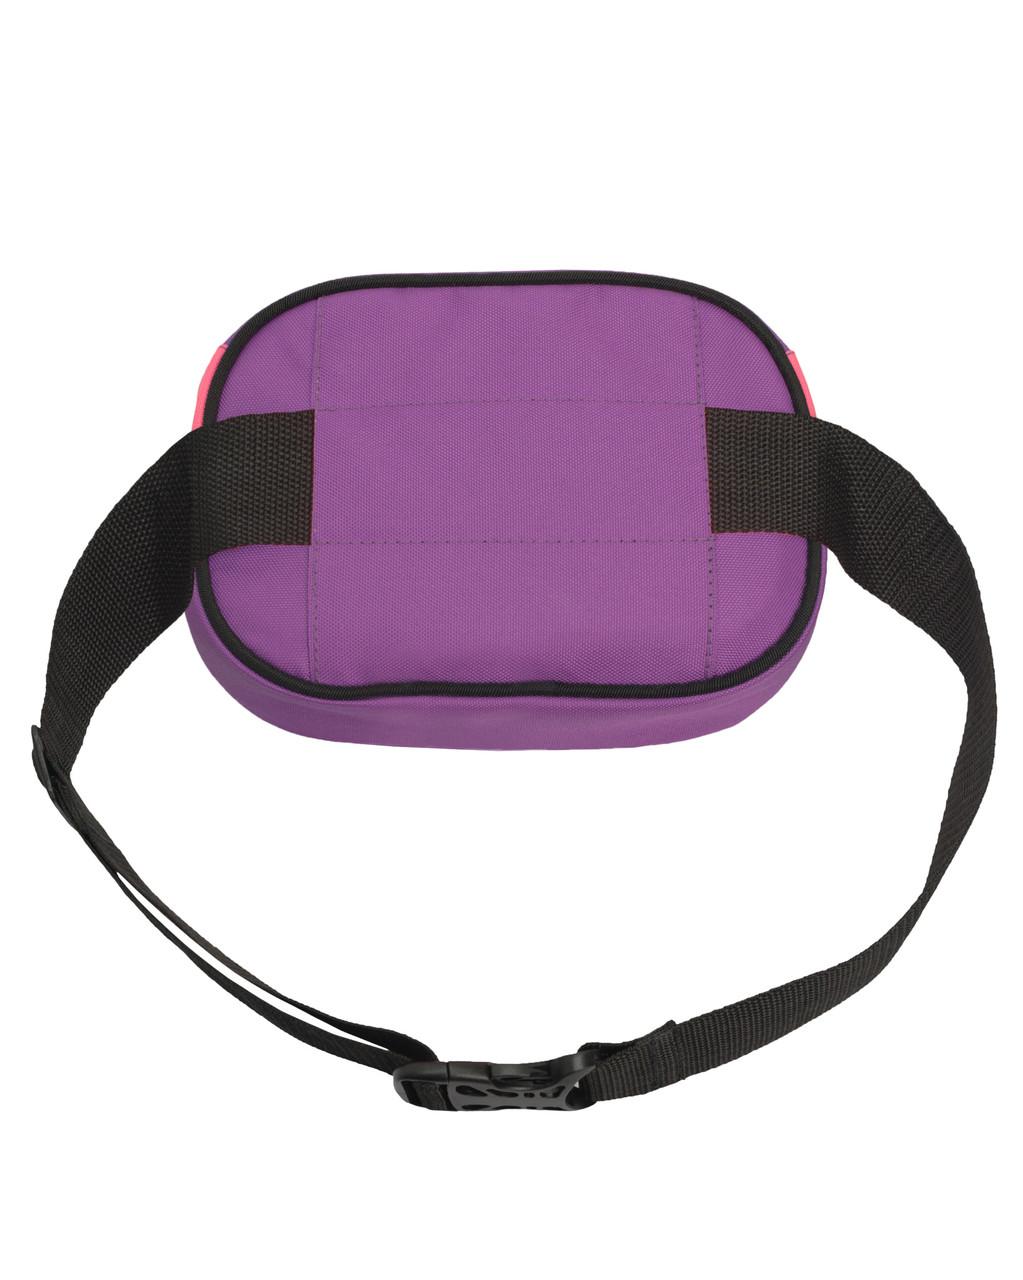 519f1973a76d ... Поясная сумка бананка Kokos Surikat розовый/фиолетовый (сумка на пояс, 3